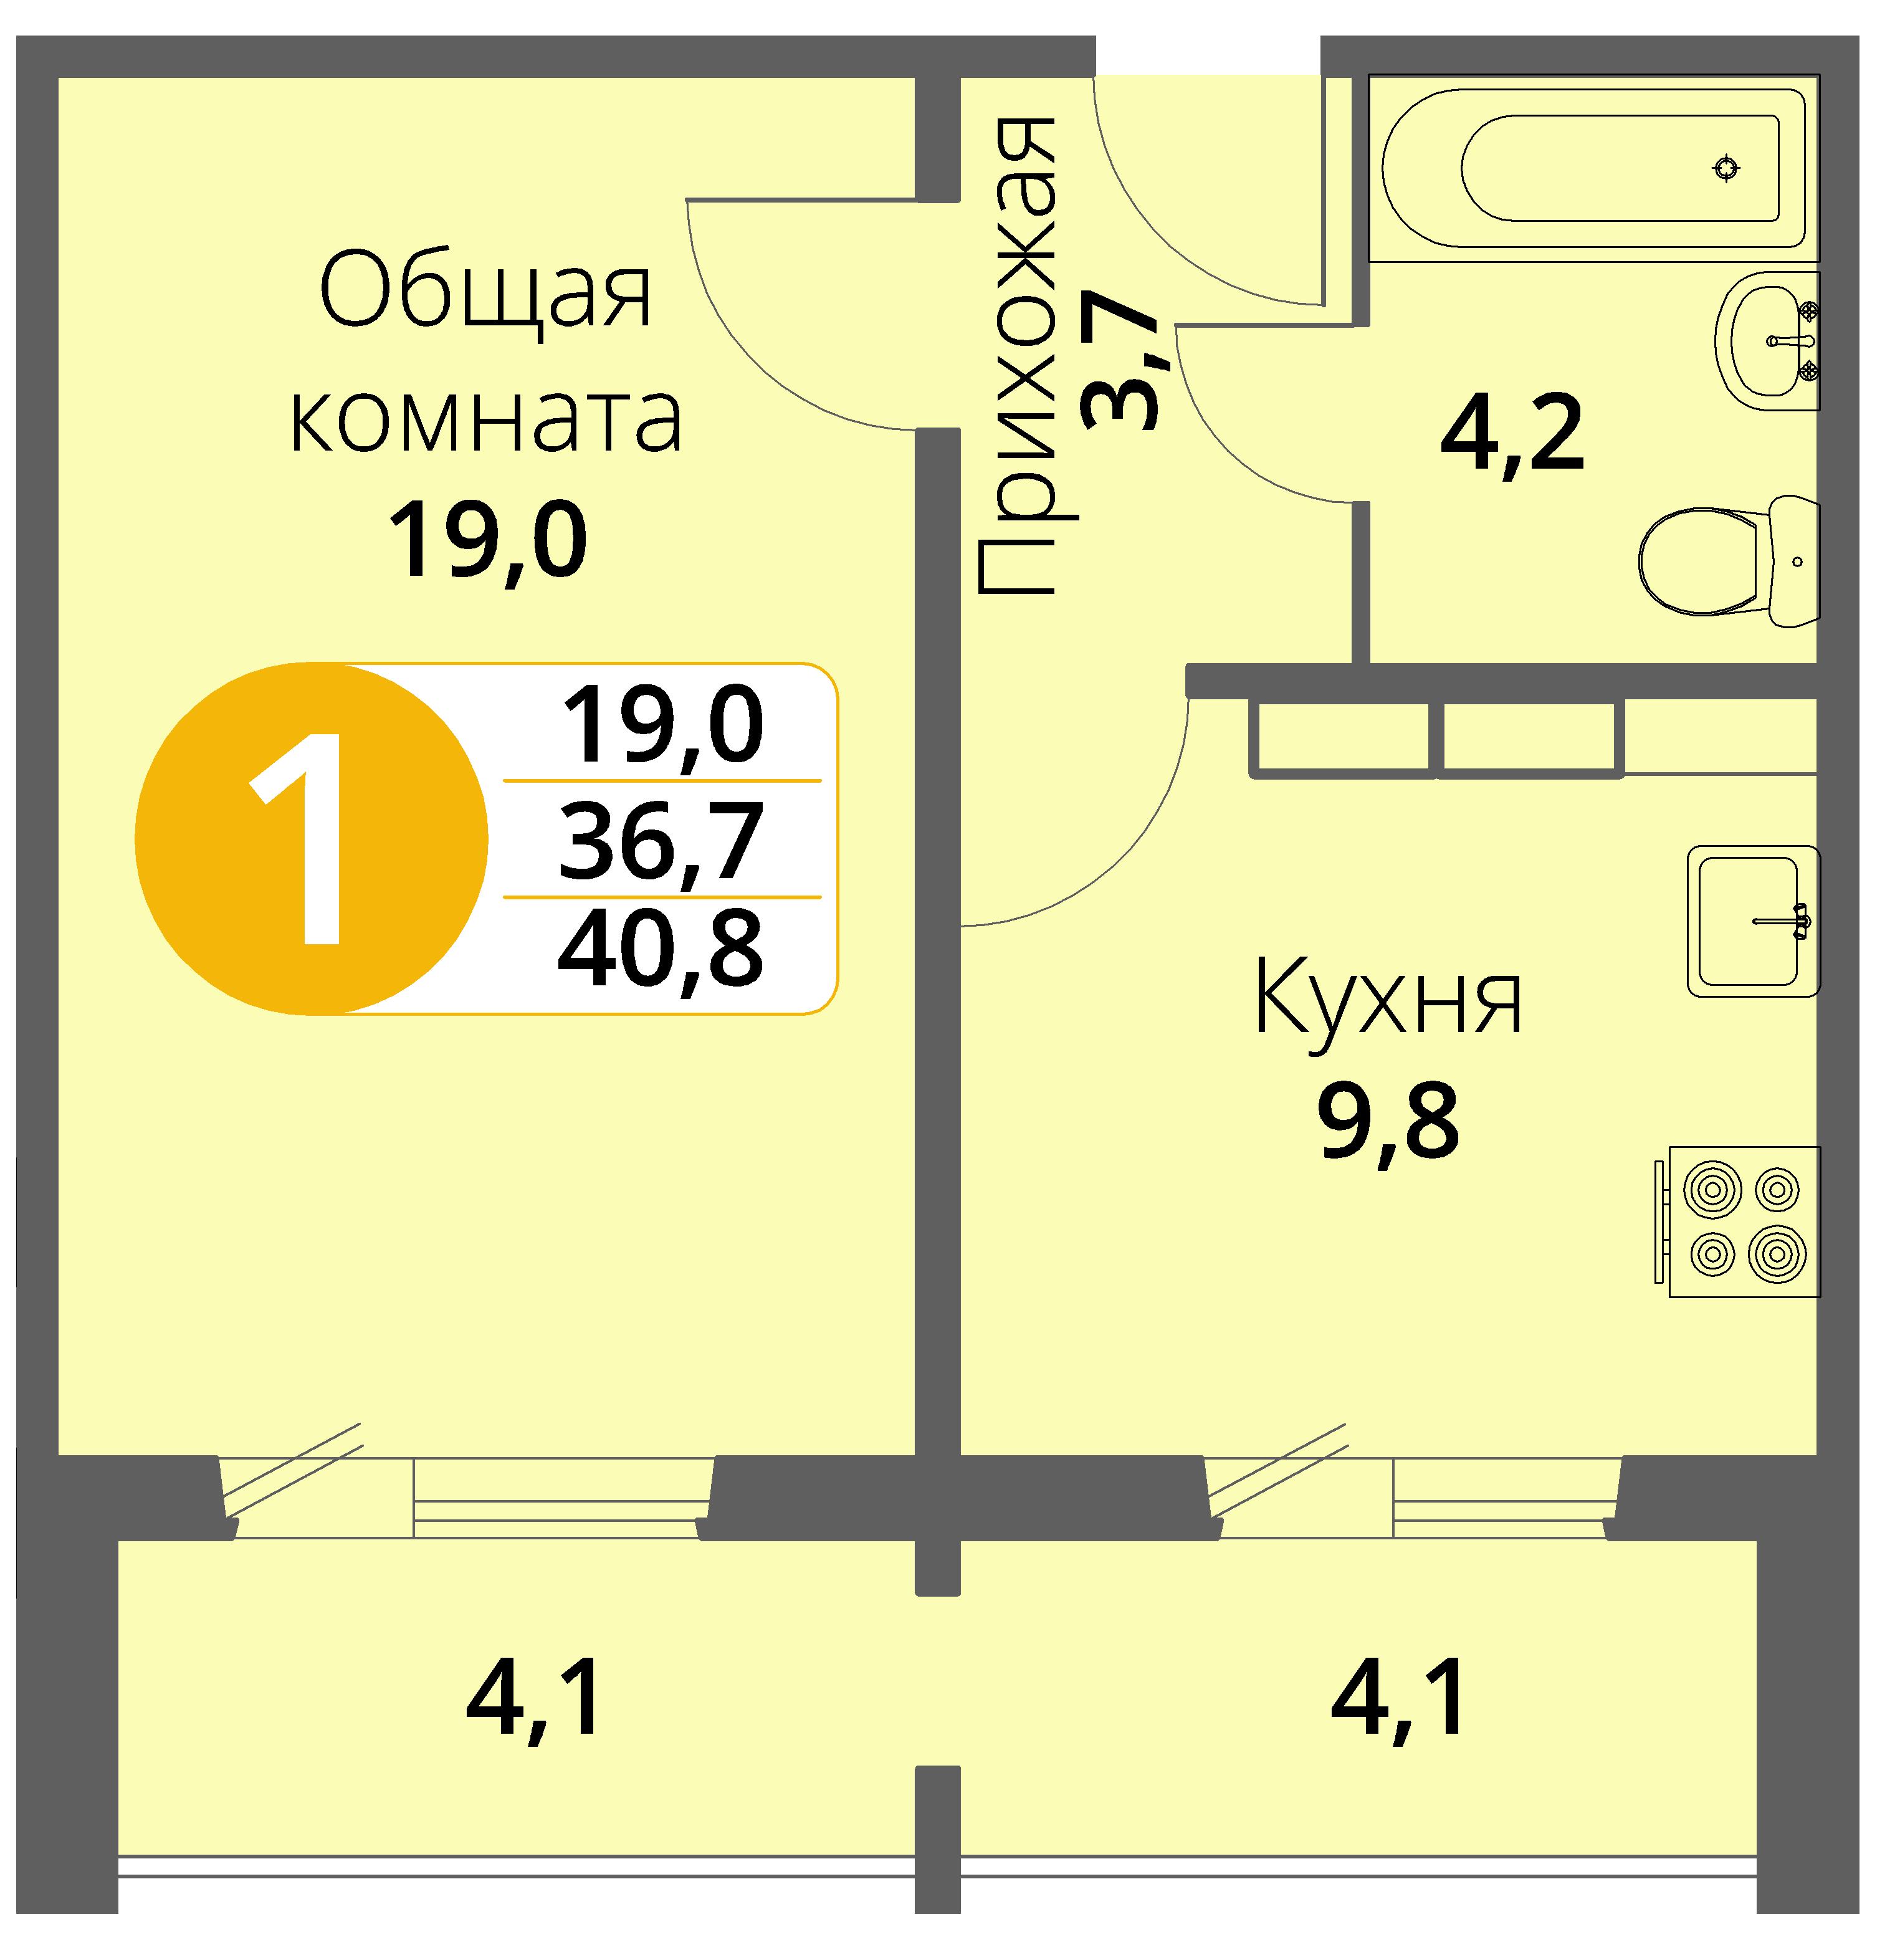 Зареченская 1-1, квартира 23 - Однокомнатная